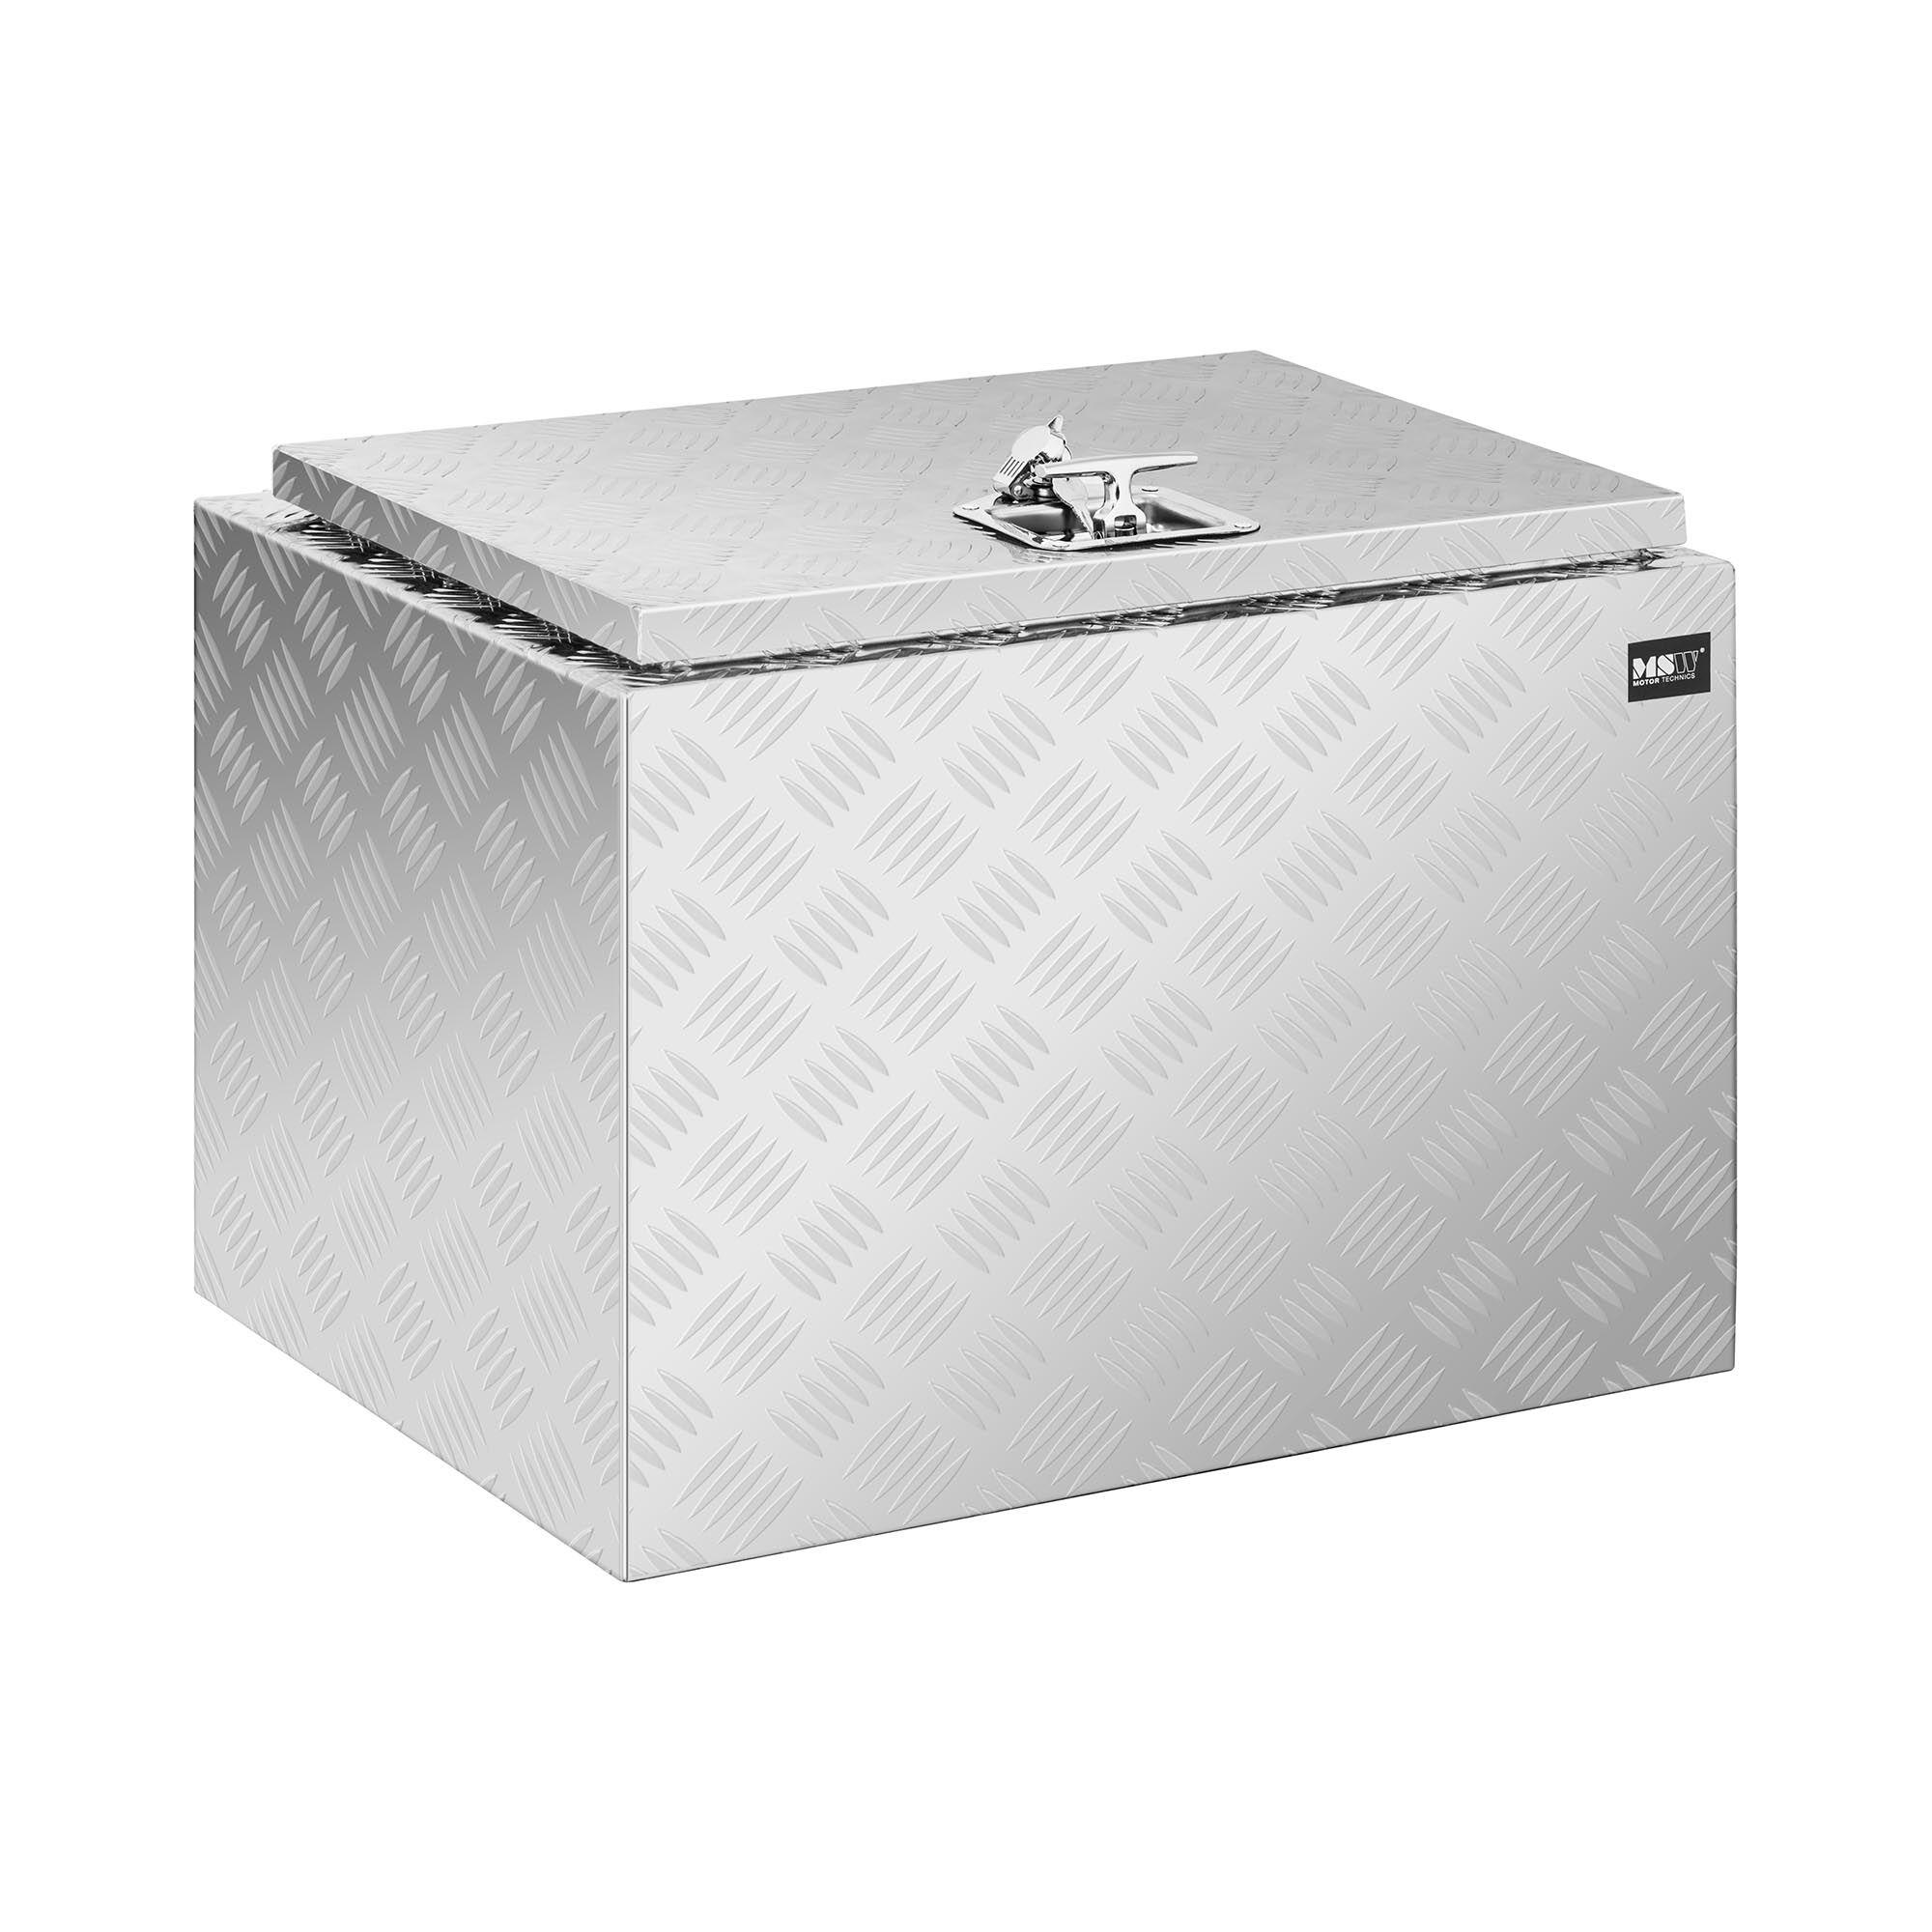 MSW Aluminiumskasse 45 x 60 x 45 cm - 120 L - låsbar 10061216